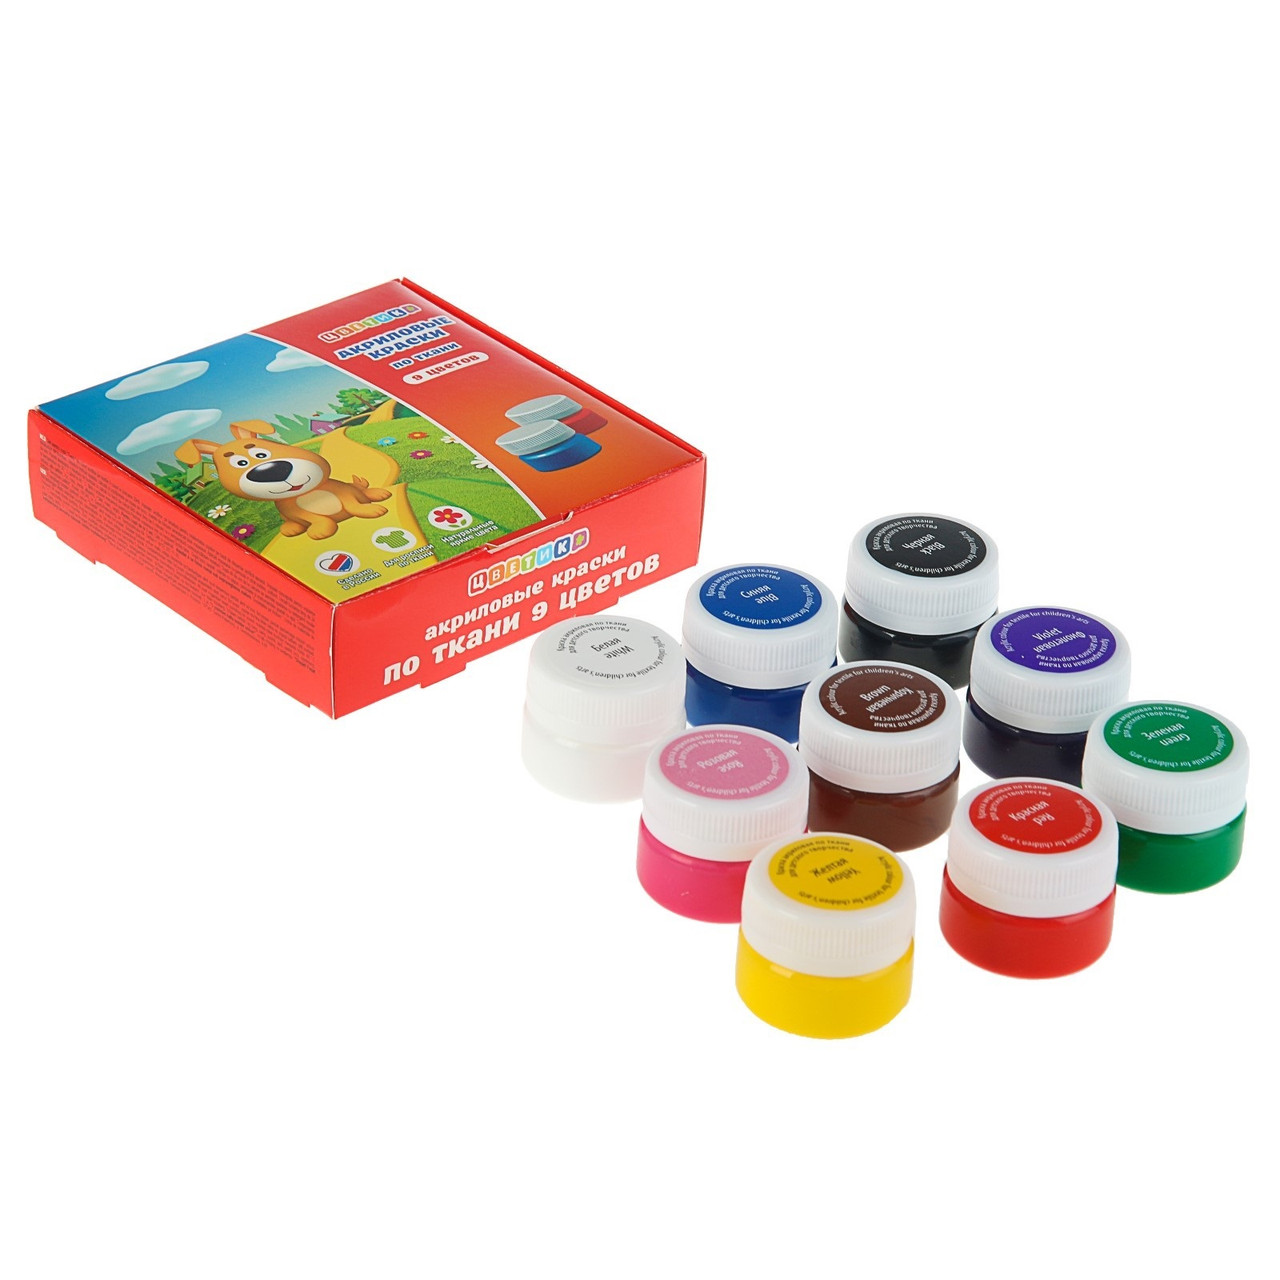 Краска по ткани, набор 9 цветов х 20 мл, Цветик (акриловая на водной основе)